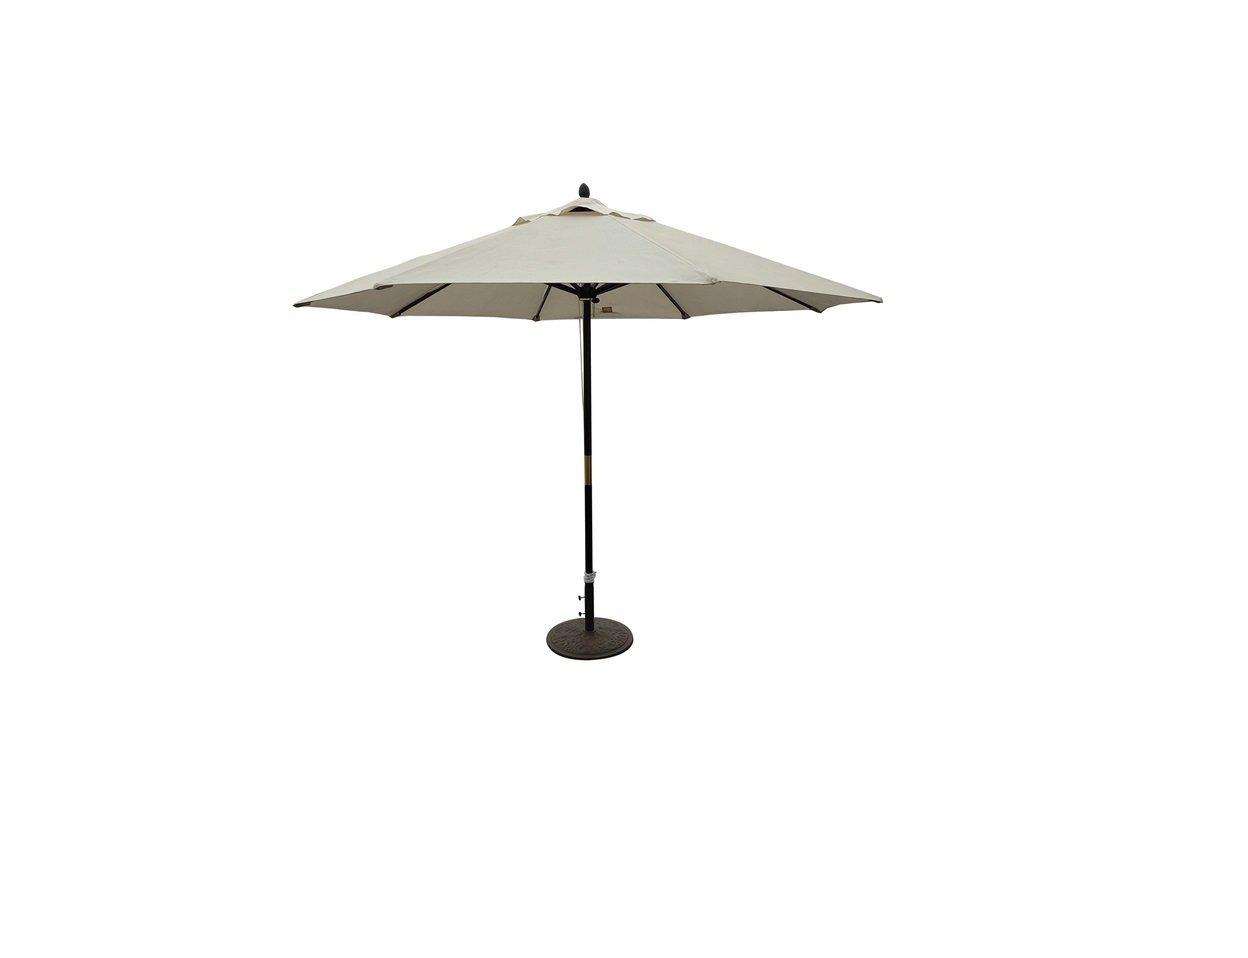 88b2dc239a Wooden Market Umbrellas Reviewed | OutsideModern